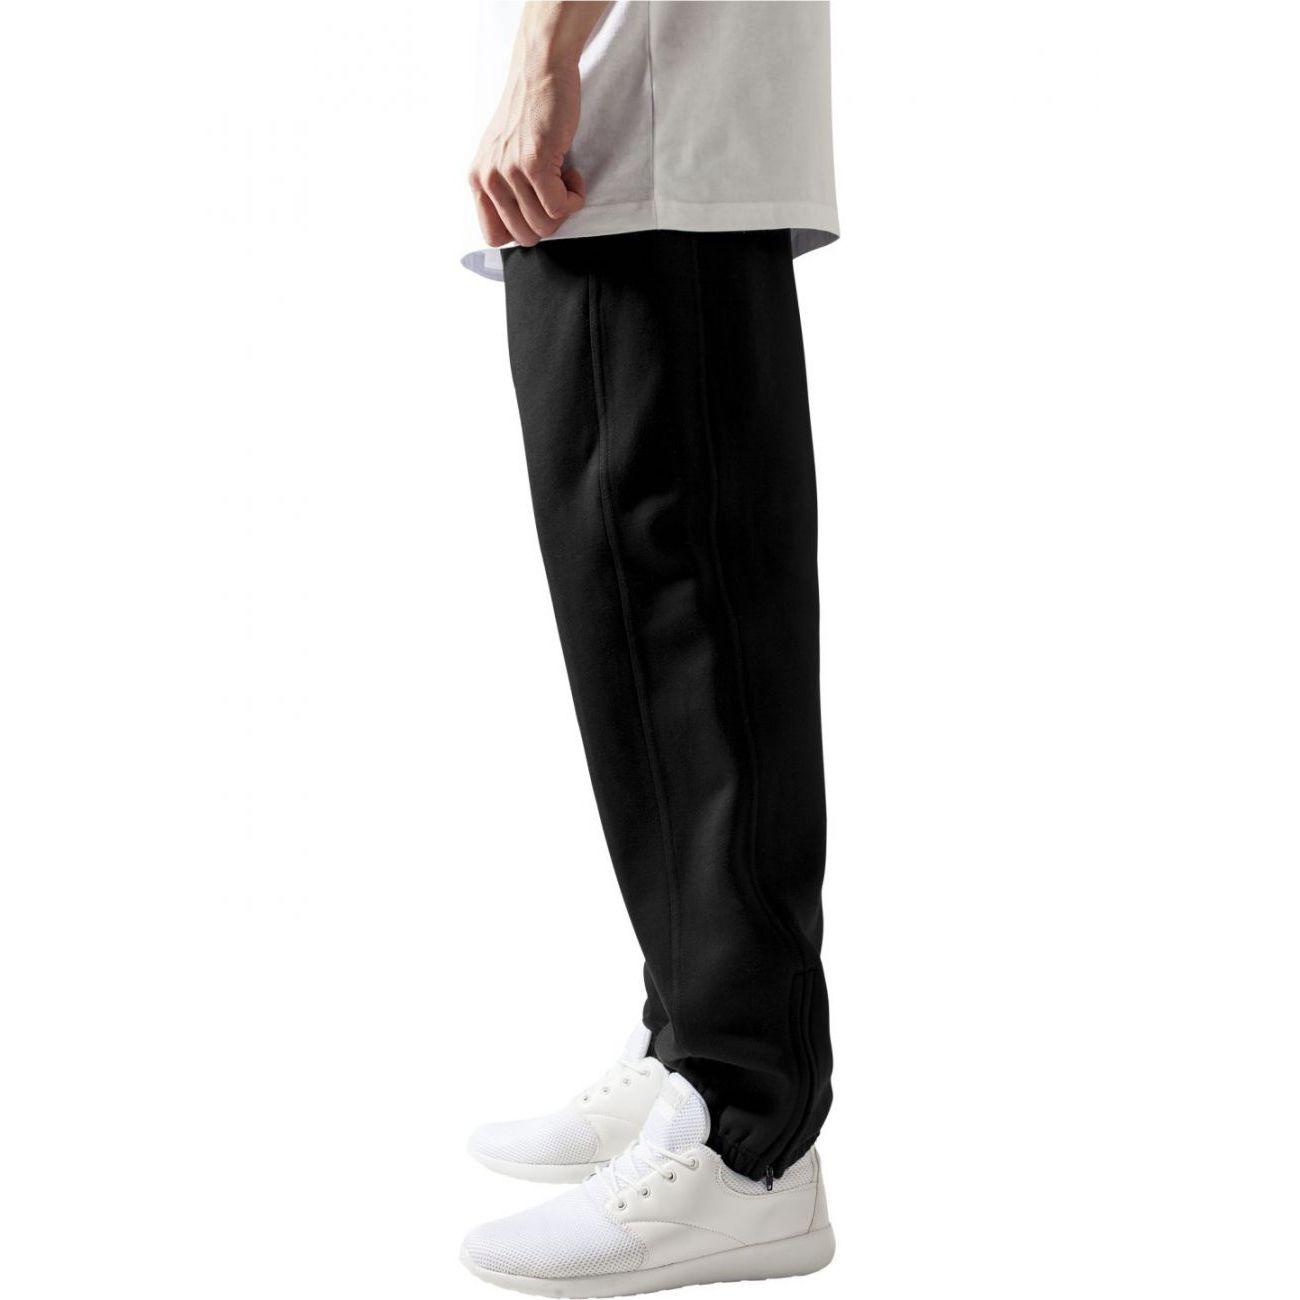 Mode- Lifestyle adulte URBAN CLASSICS Bas de jogging URBAN CLASSICS Noir molletonné coupe large